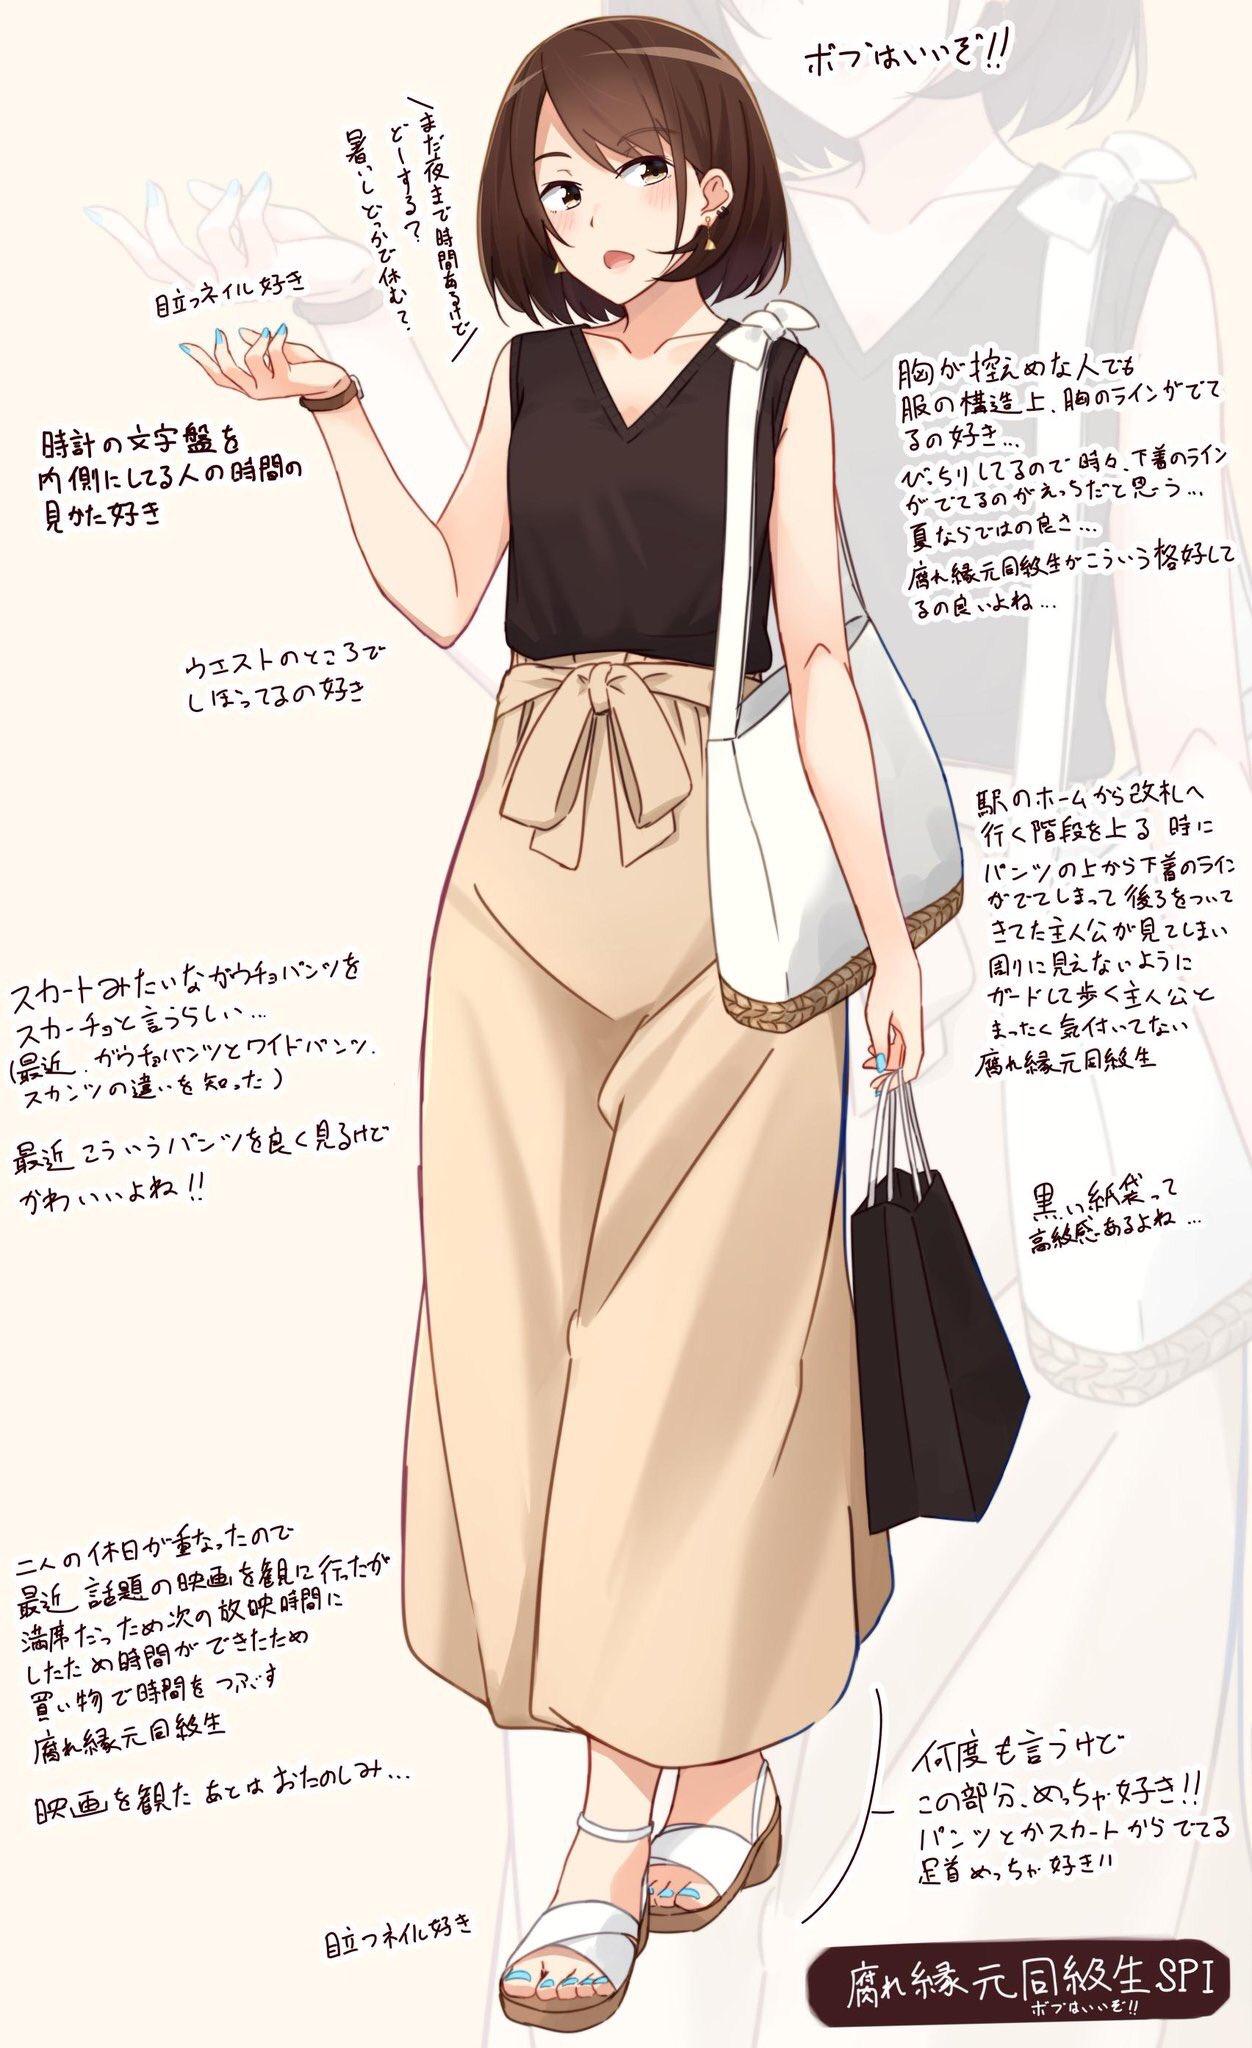 男受け◎なモテファッション!あなたが好きなのはどれ?